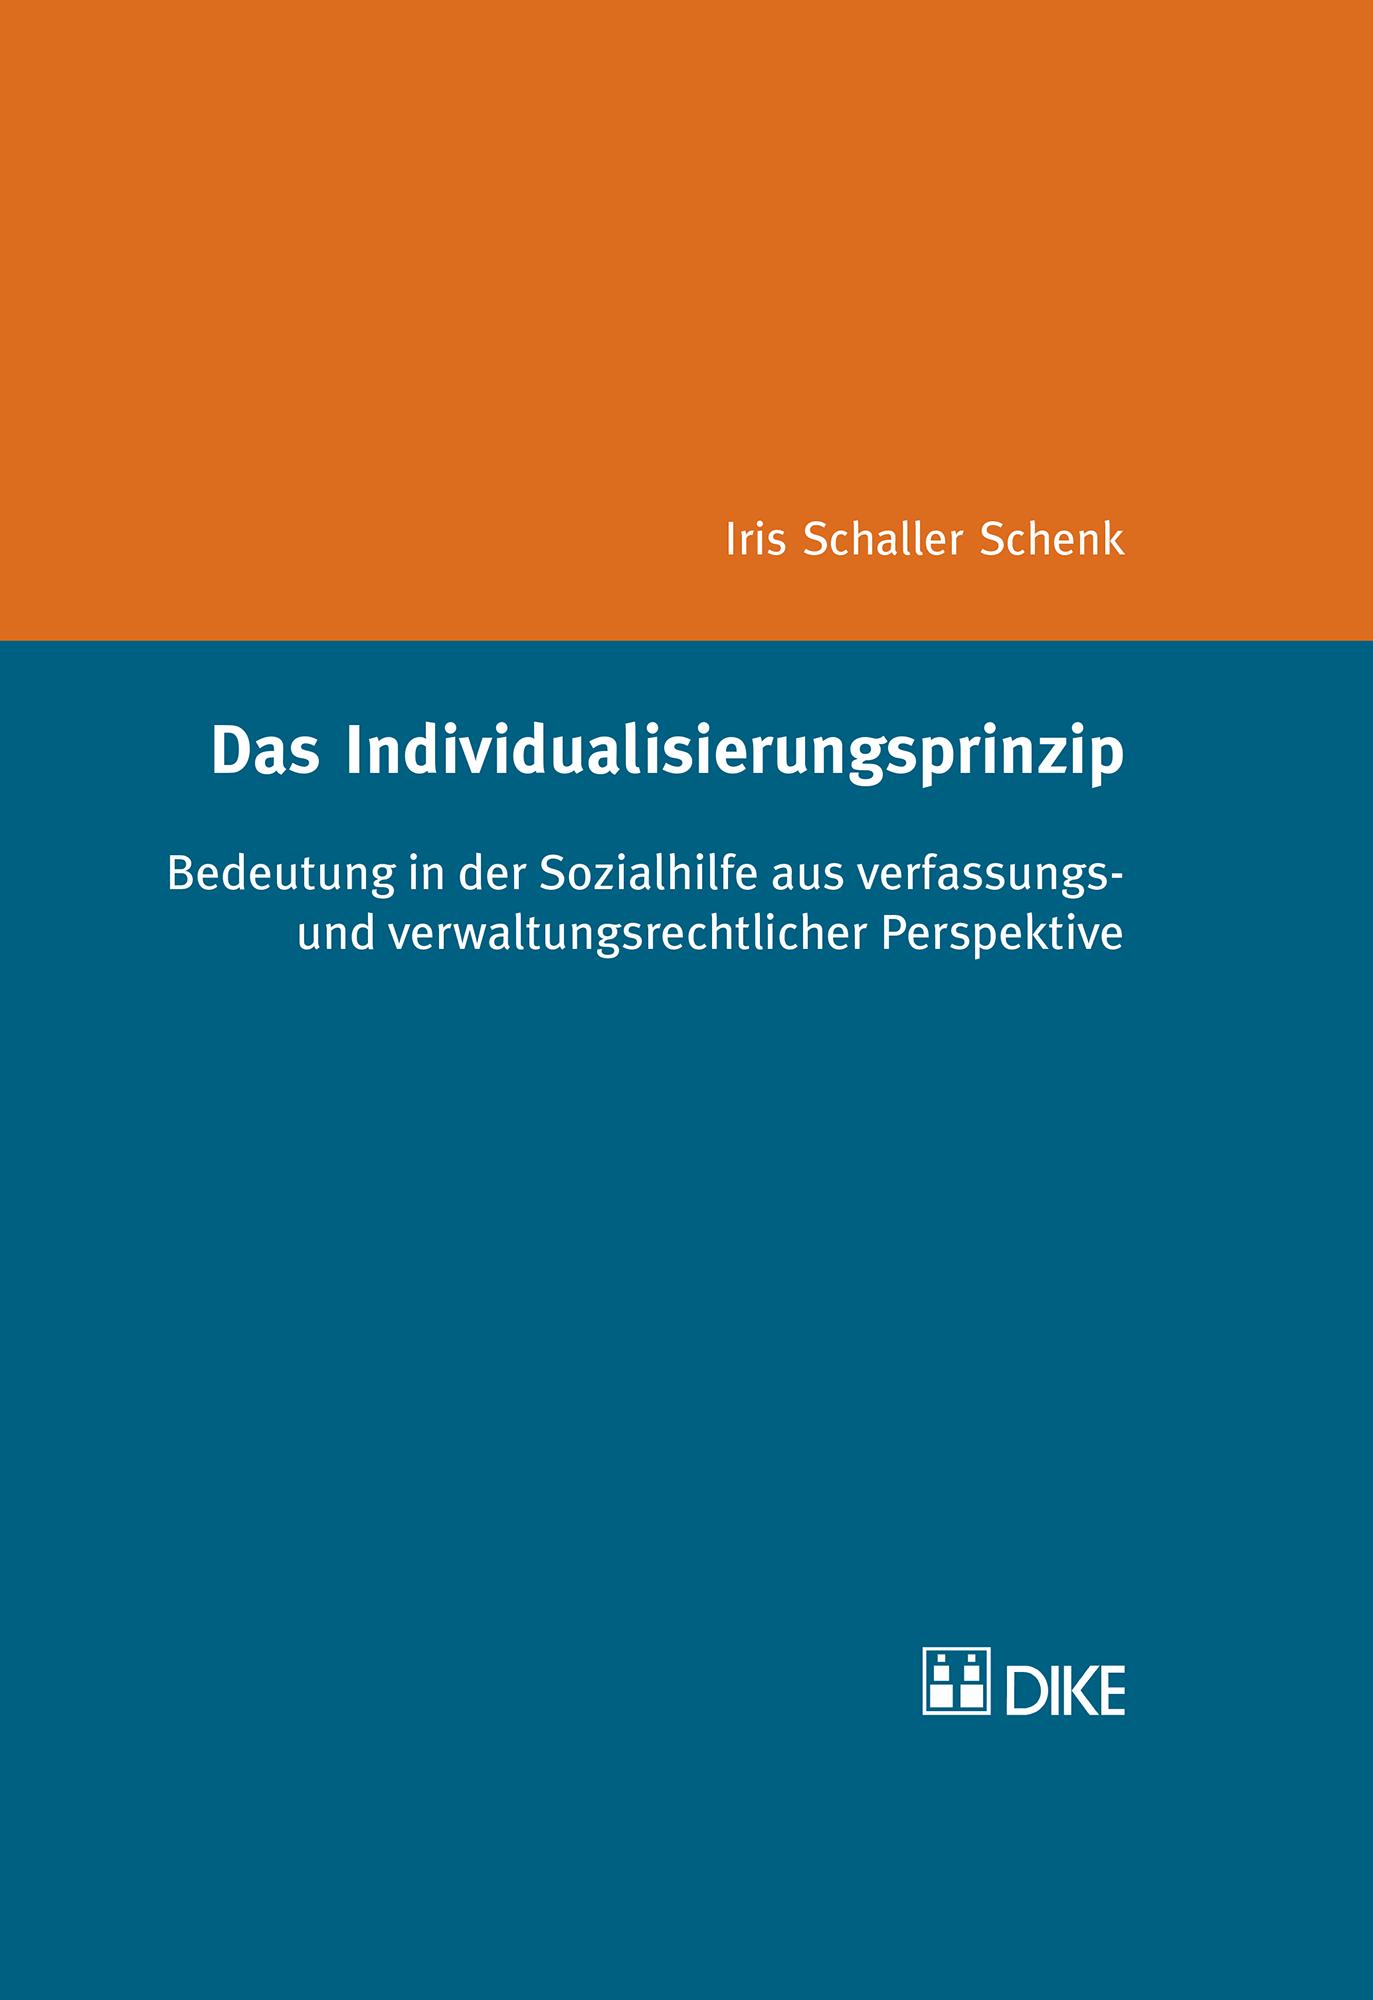 Das Individualisierungsprinzip